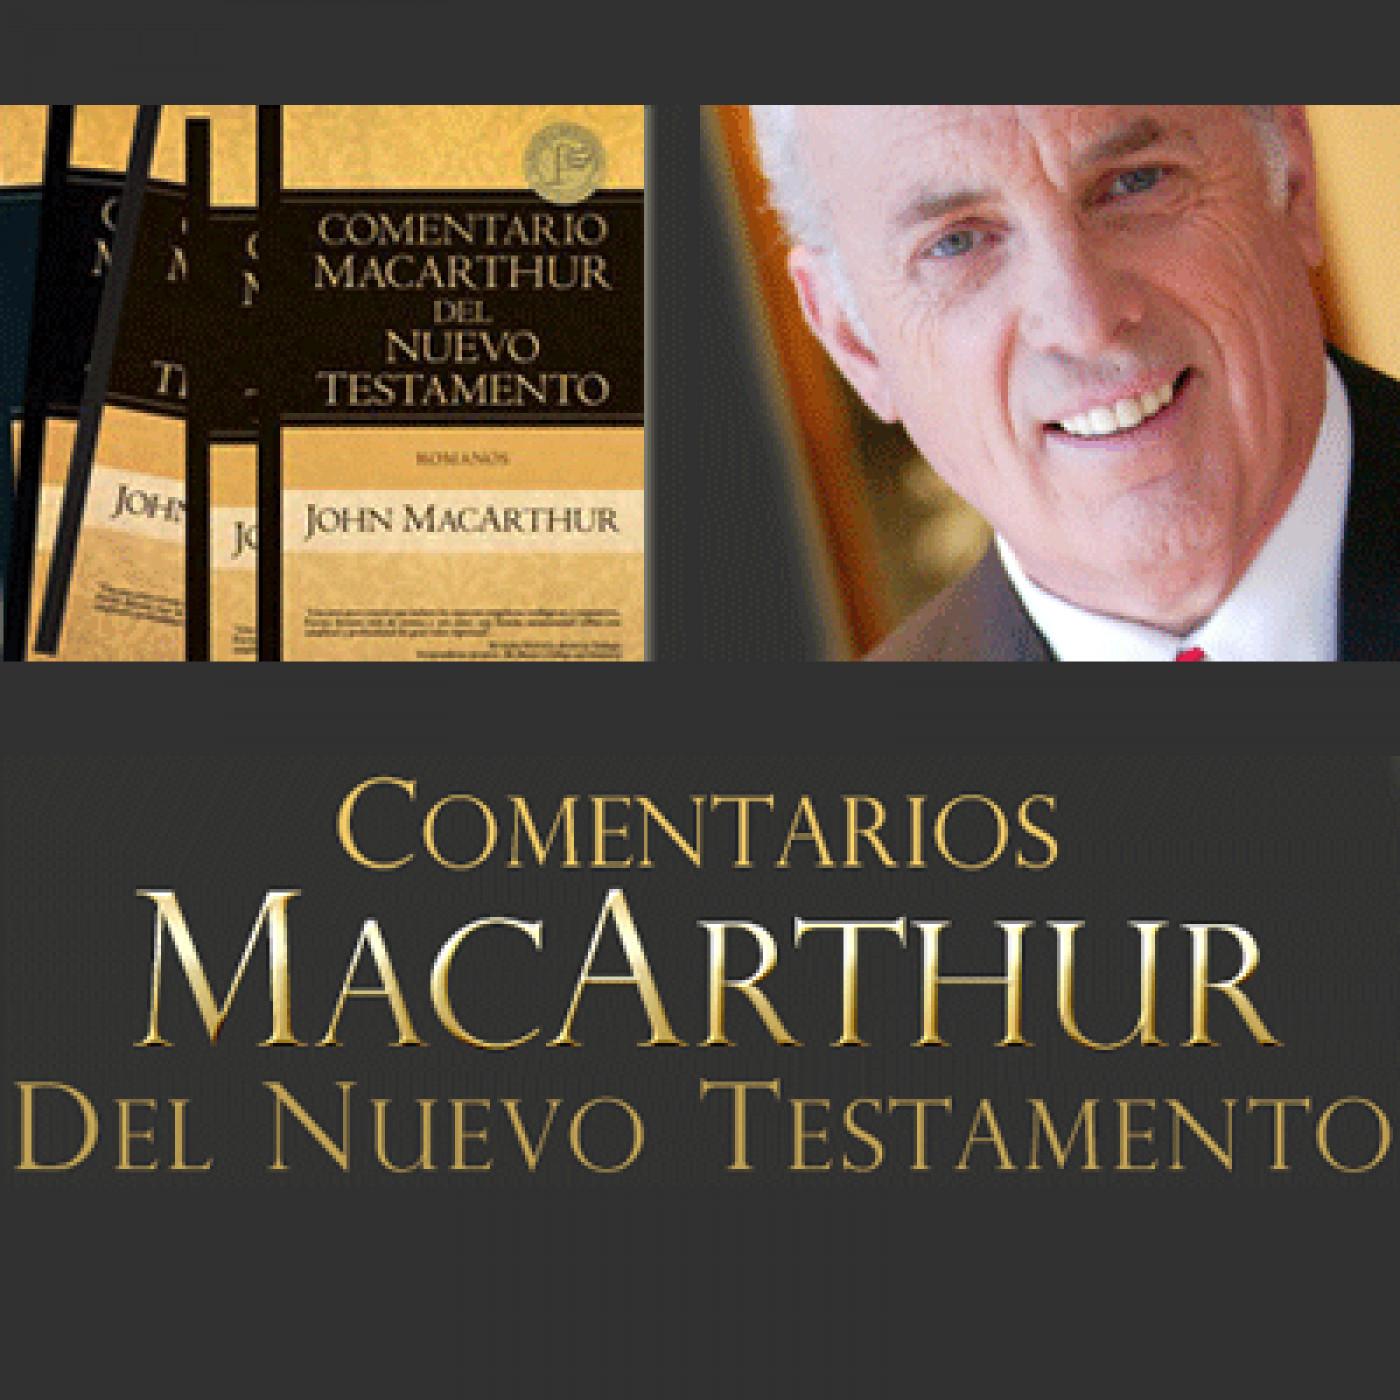 <![CDATA[Comentarios Macarthur del Nuevo Testamento]]>